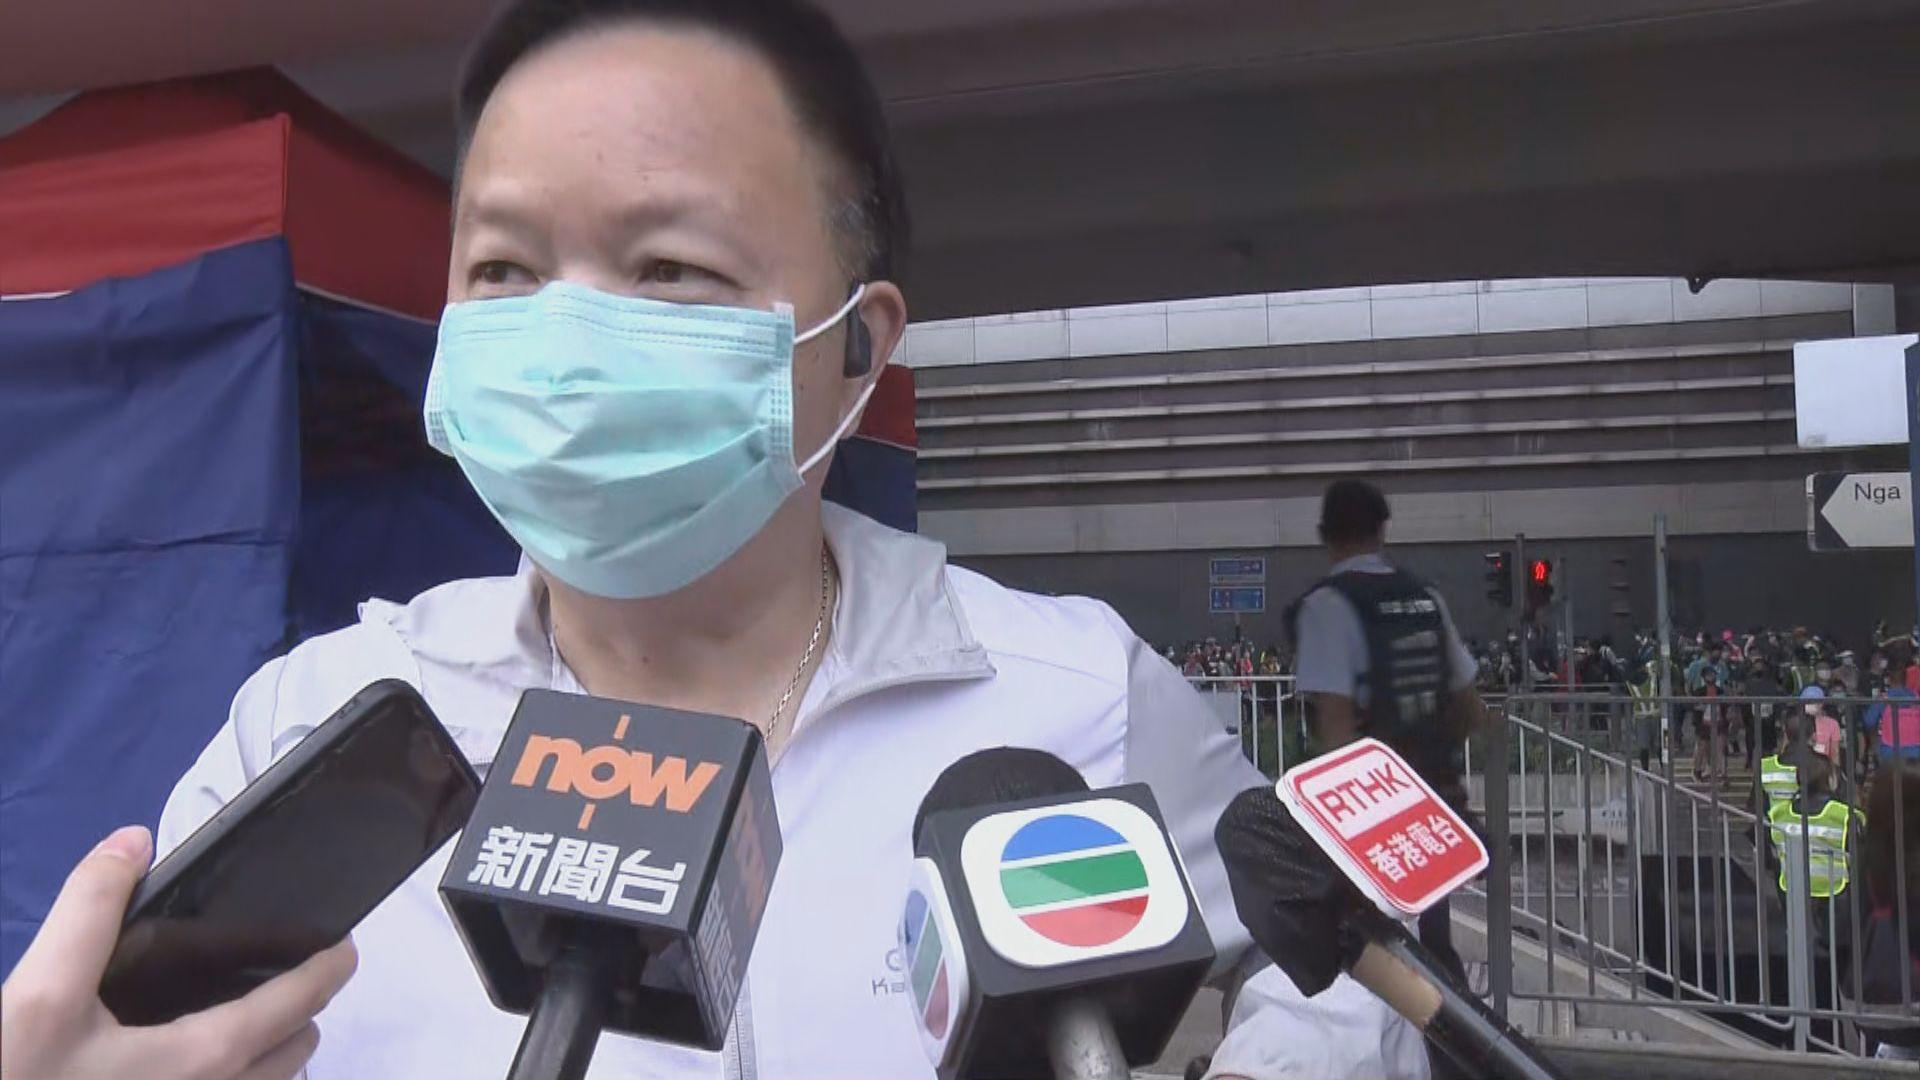 身穿「香港」衣服跑手被大會要求更換衣服